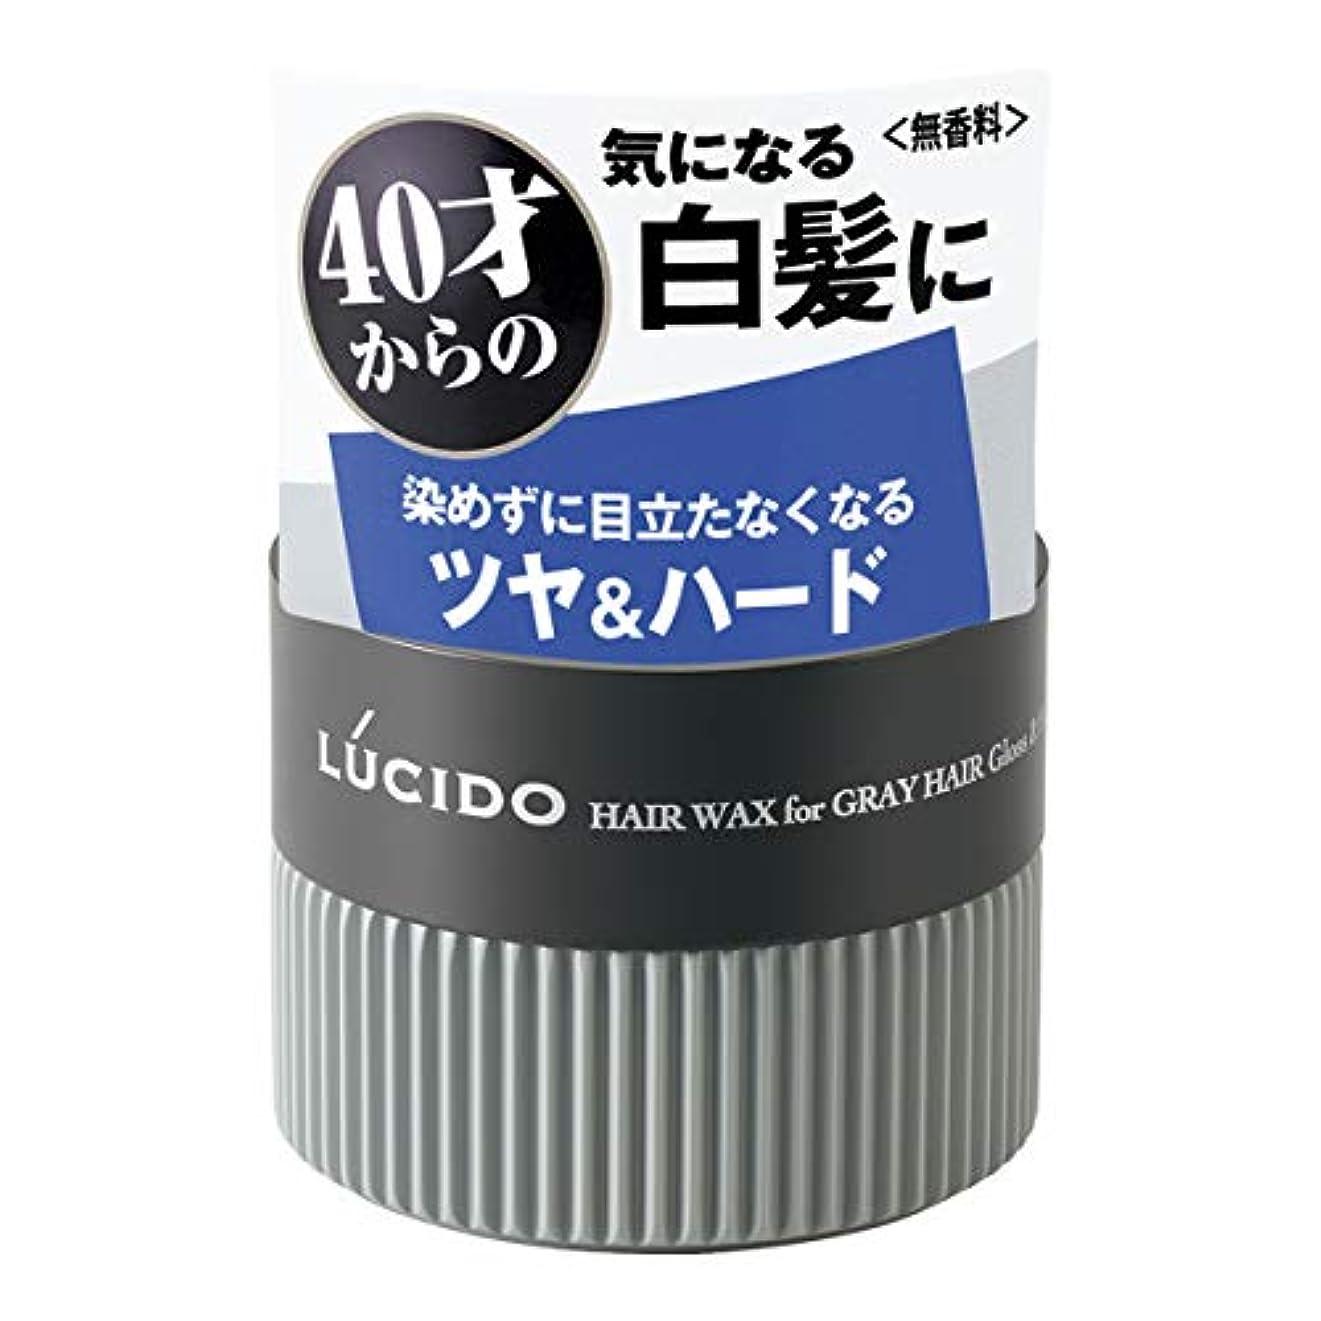 代表する一生アテンダントLUCIDO(ルシード) ヘアワックス 白髪用ワックス グロス&ハード 80g